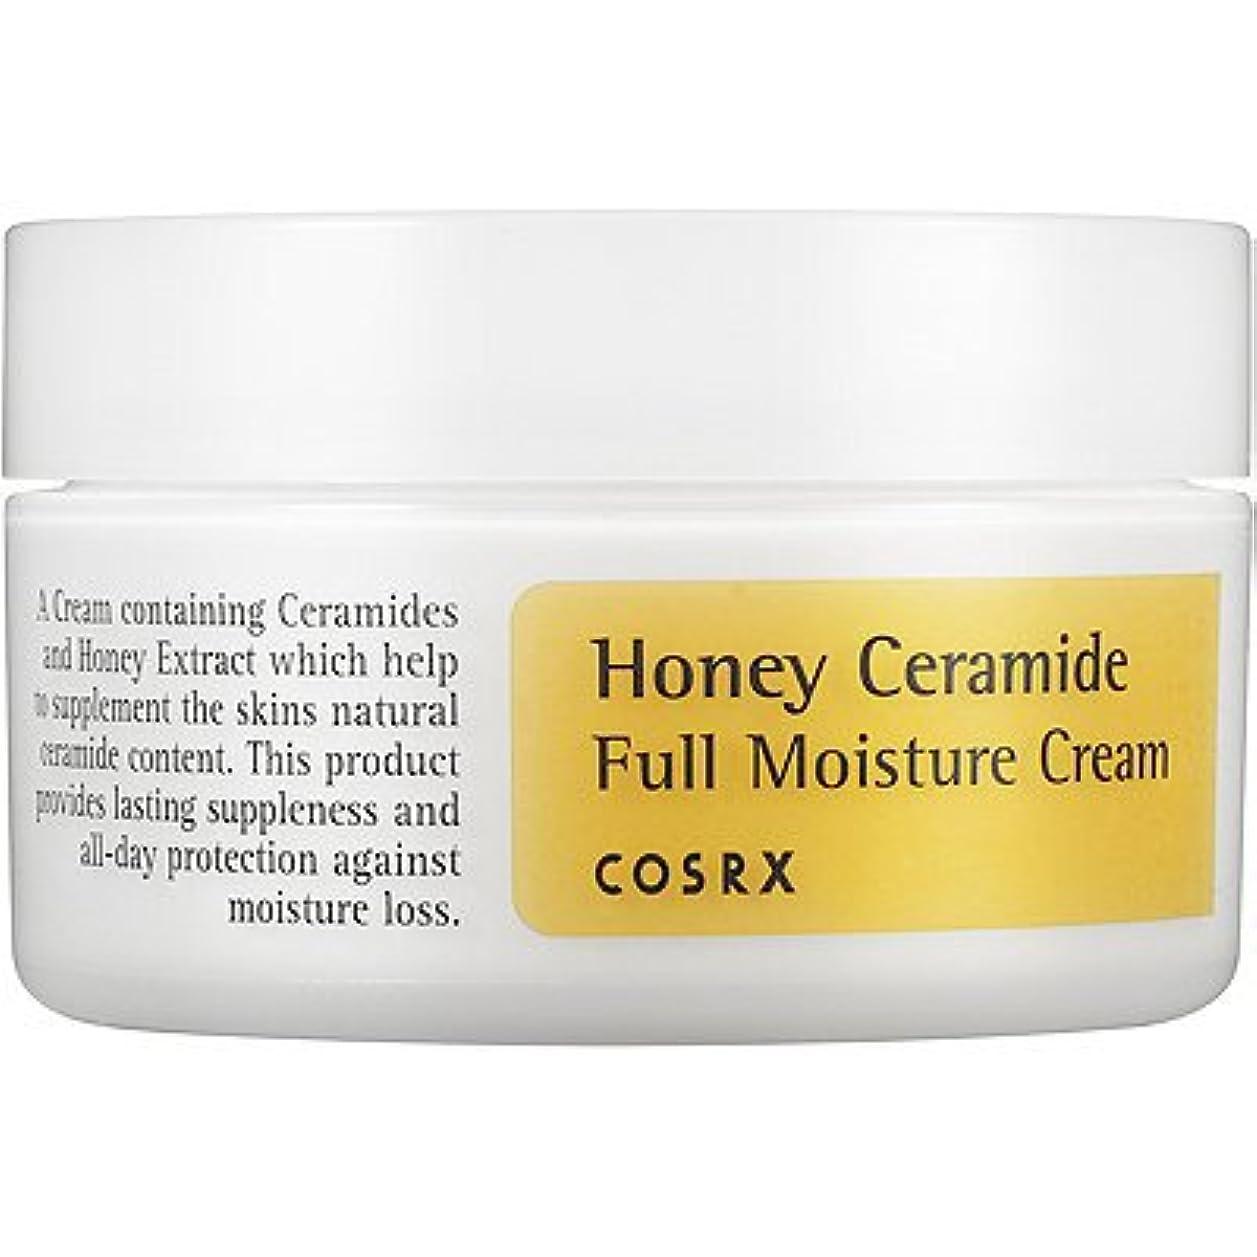 回答絵匹敵しますCOSRX Honey Ceramide Full Moisture Cream 50g/ハニーセラミド フル モイスチャークリーム -50g [並行輸入品]